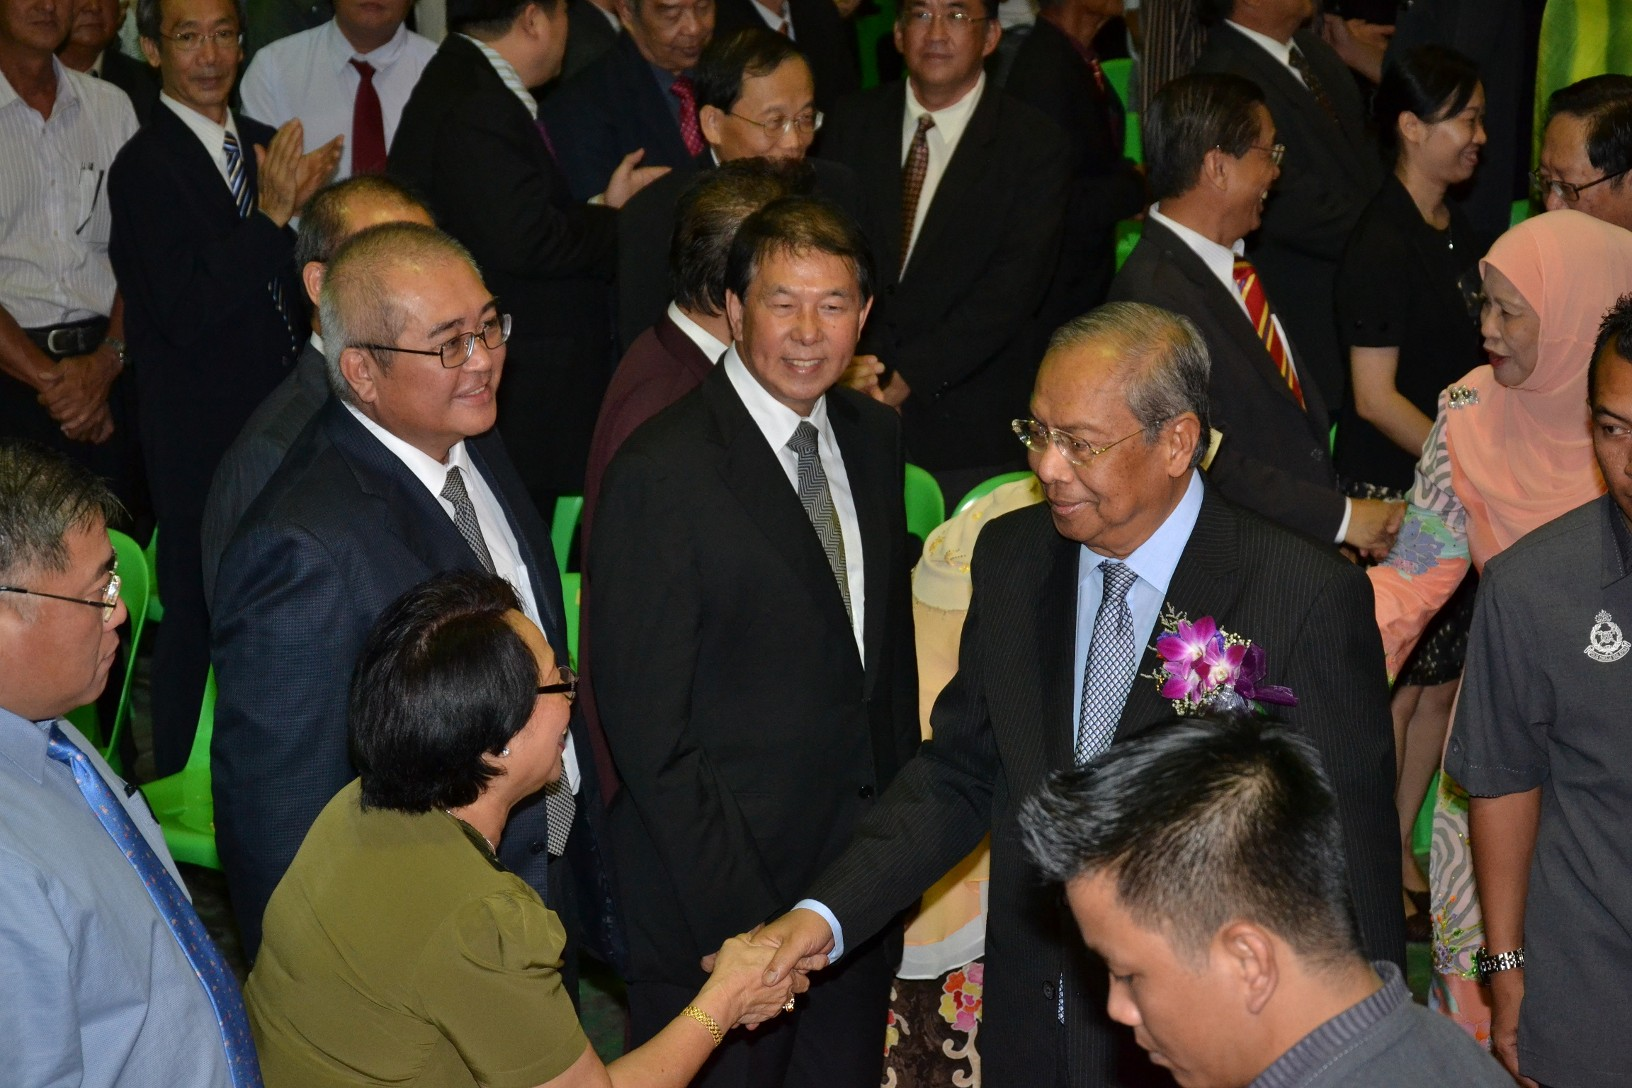 首长阿德南沙登莅临时获得人联党领袖迎接。